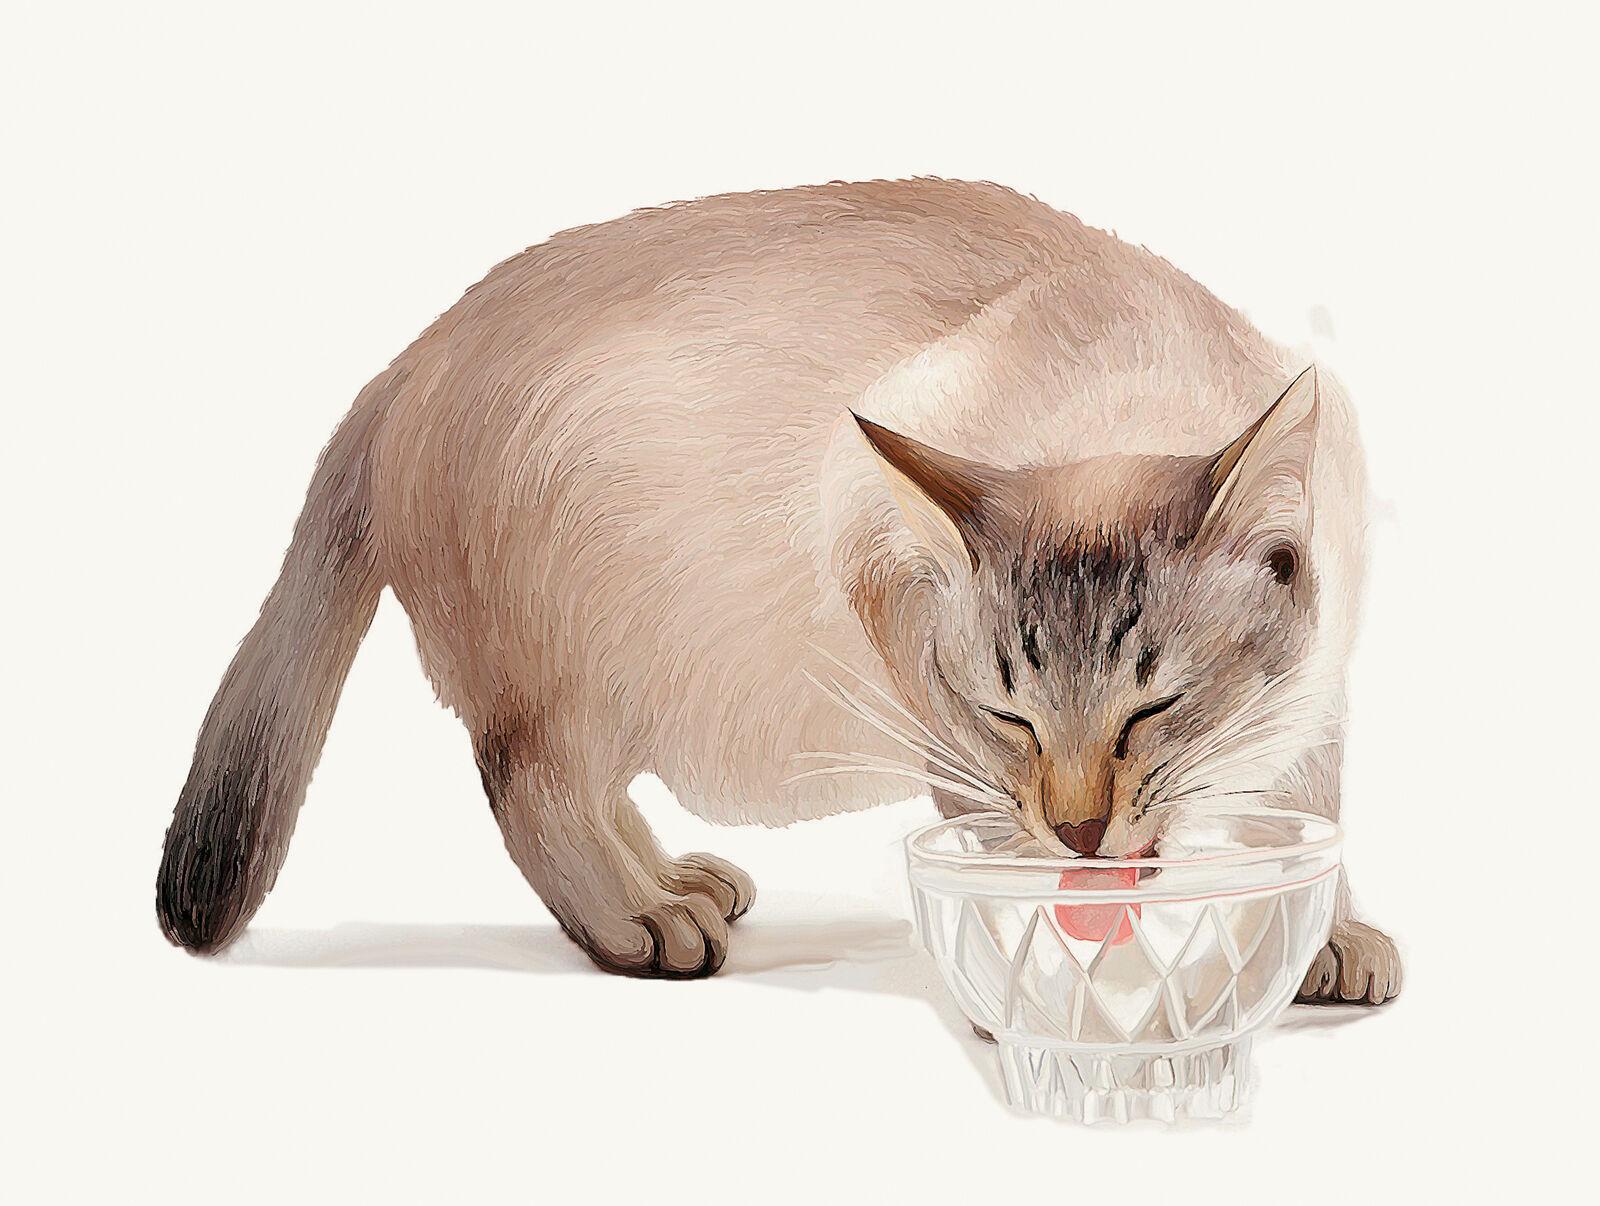 Figura 5a. En una situación de seguridad, como es el hogar, los bigotes del gato pueden tocar el borde de los recipientes de comida y bebida.